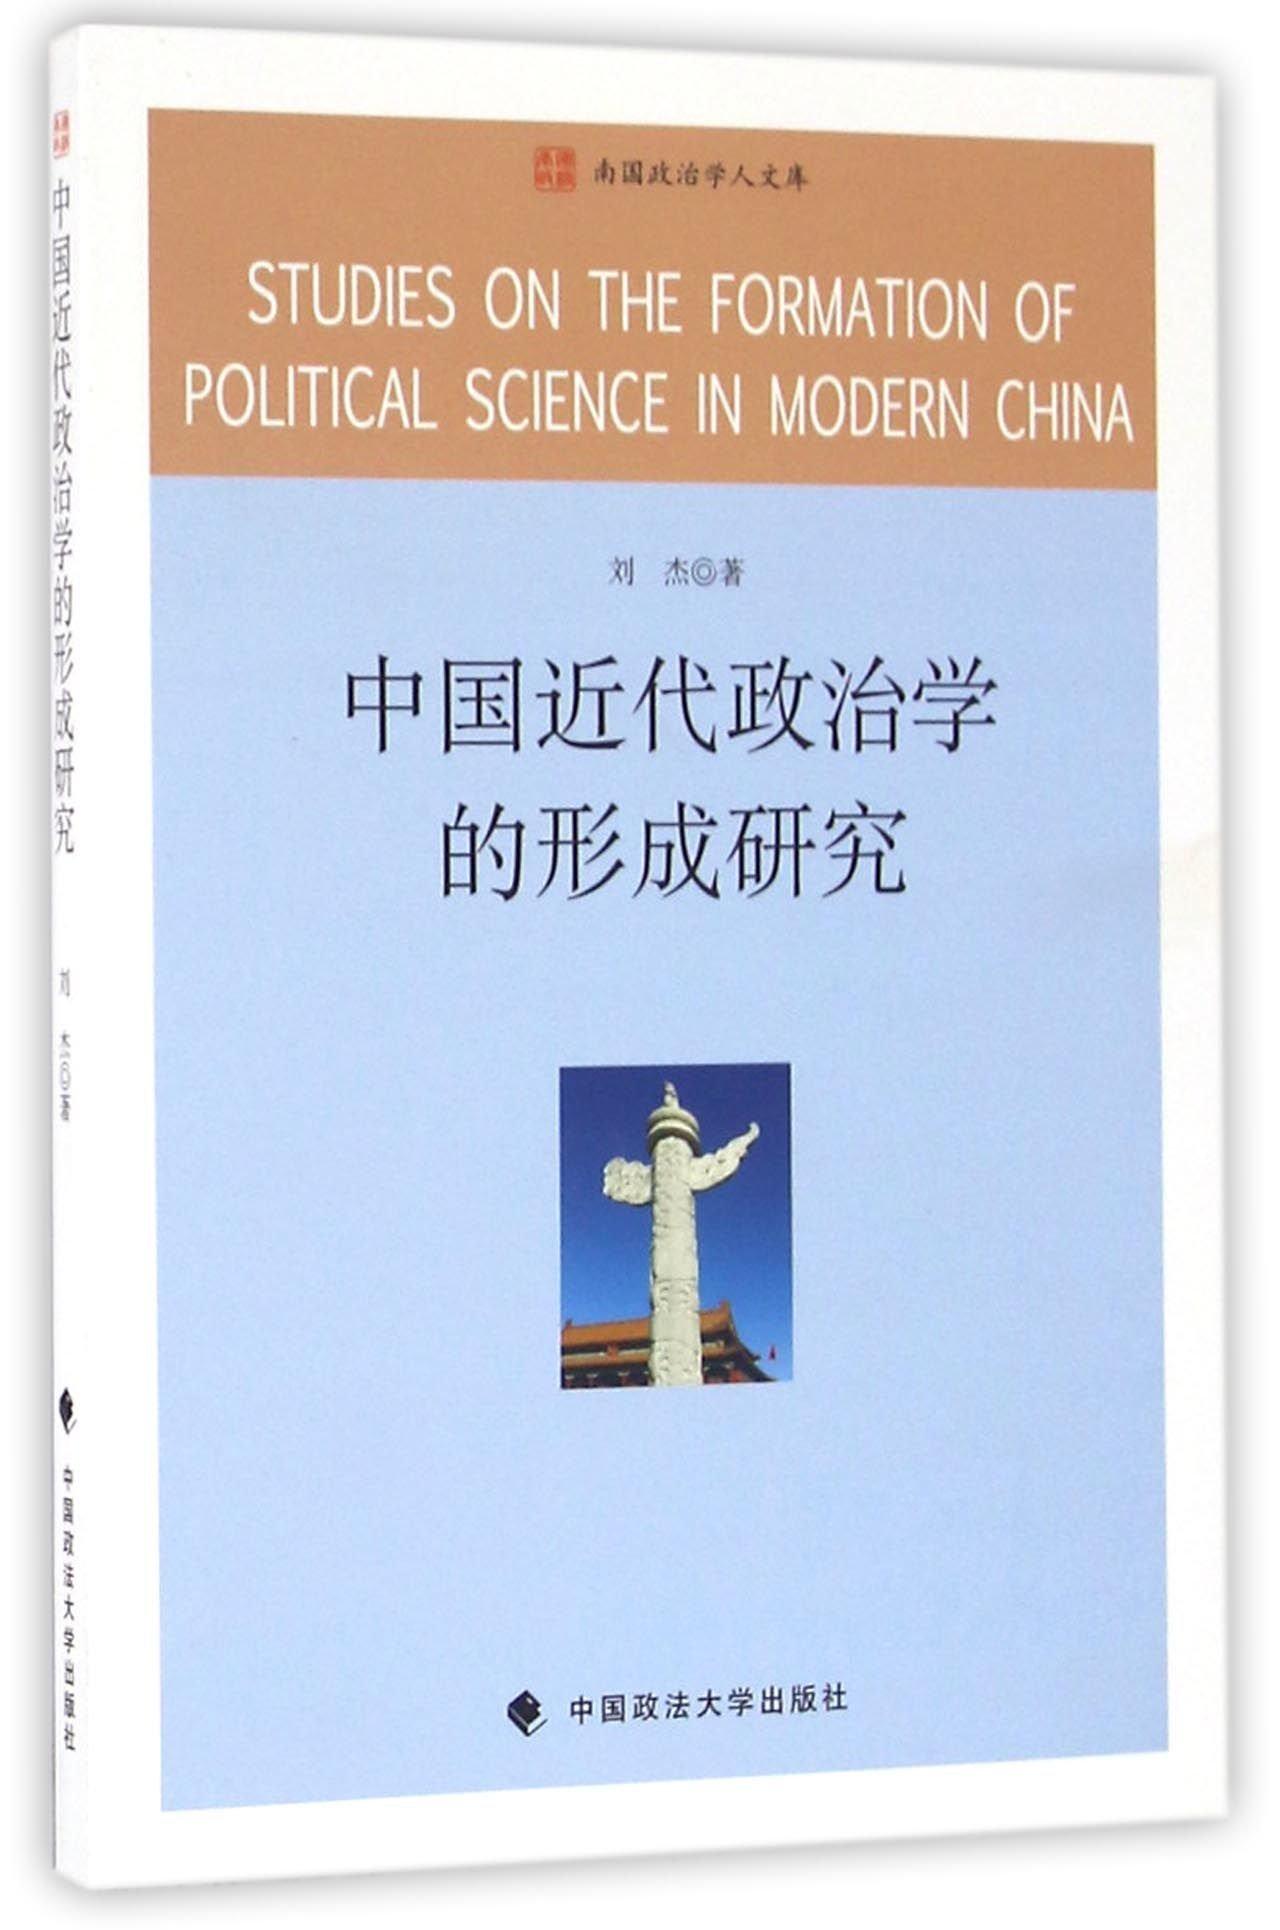 中国近代政治学的形成研究/南国政治学人文库 ebook